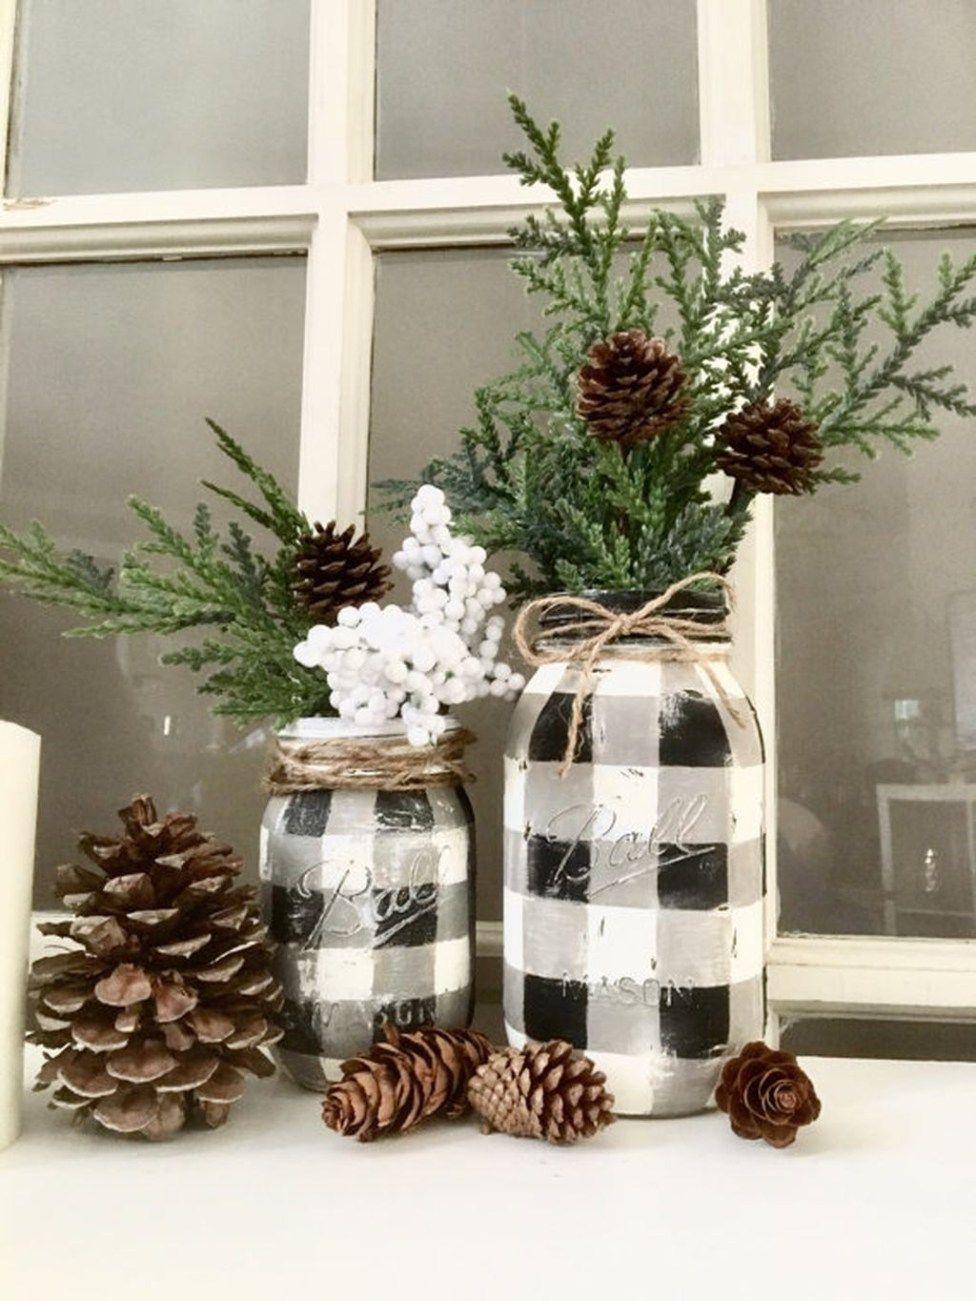 71 Incredible Rustic Farmhouse Christmas Decoration Ideas Christmas Diy Christmas Decorations Christmas Decor Diy